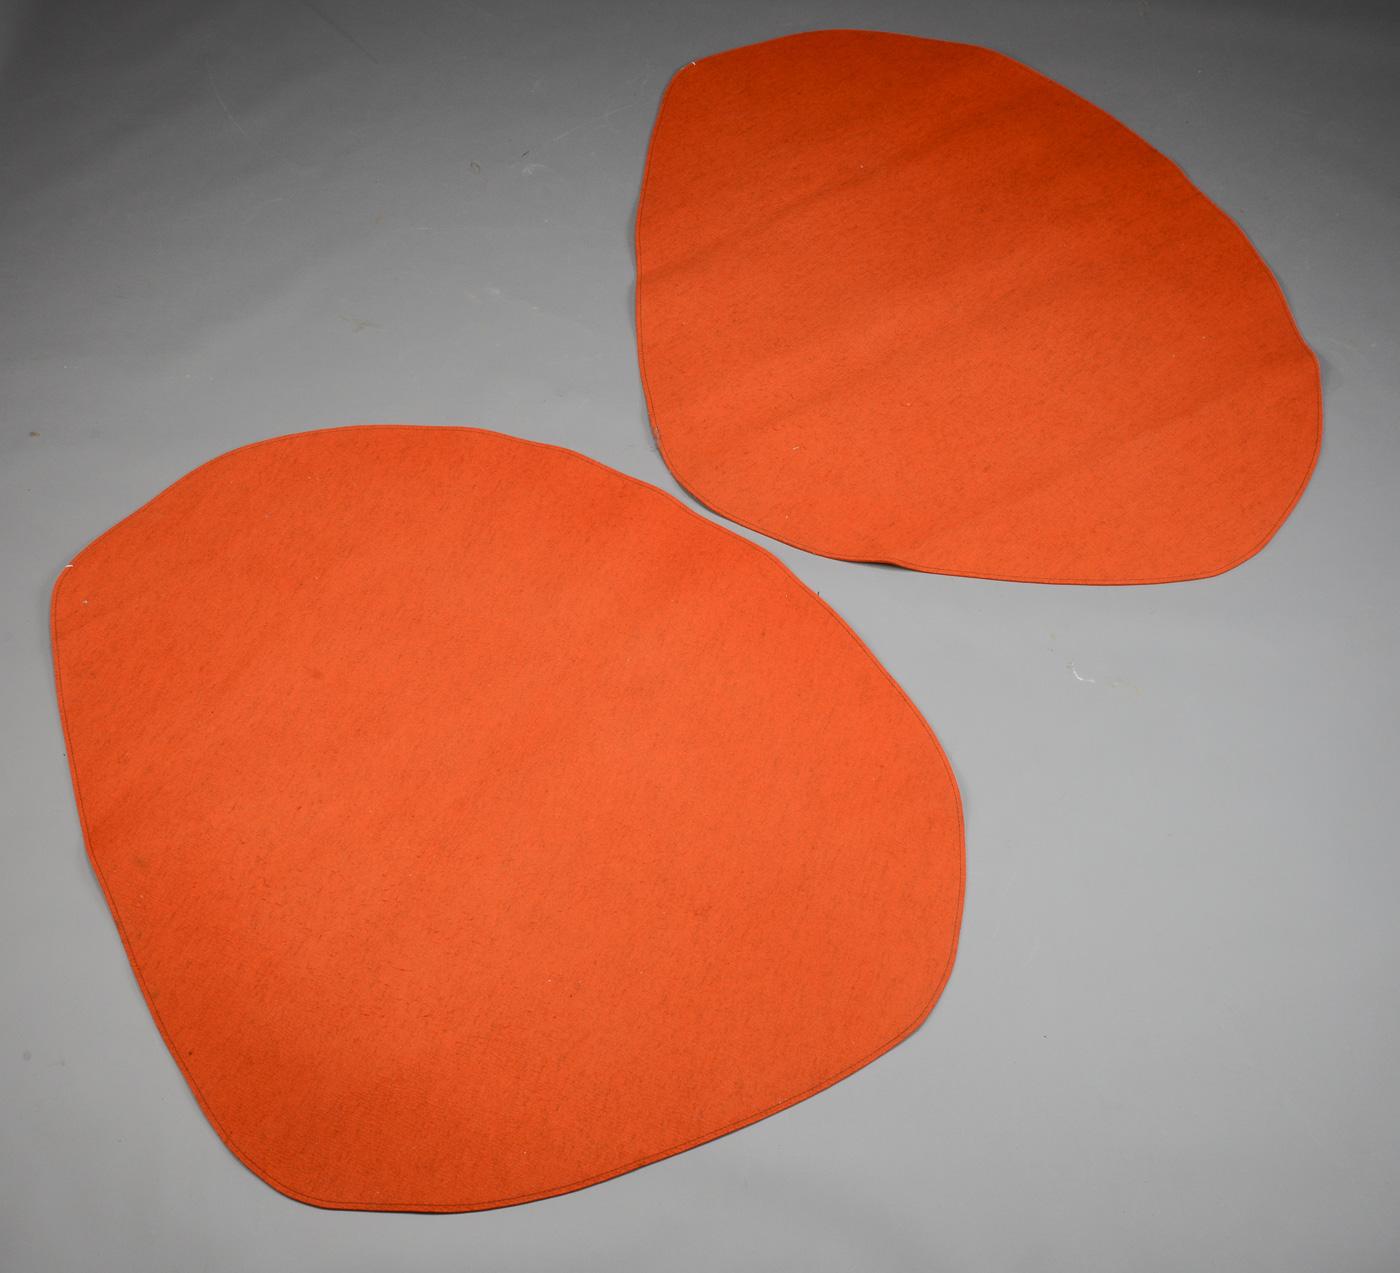 Fraster. To Pebble tæpper, orange - Fraster. To orange Pebble tæpper af uld. 170 x 140 cm. Fremstår med brugsspor